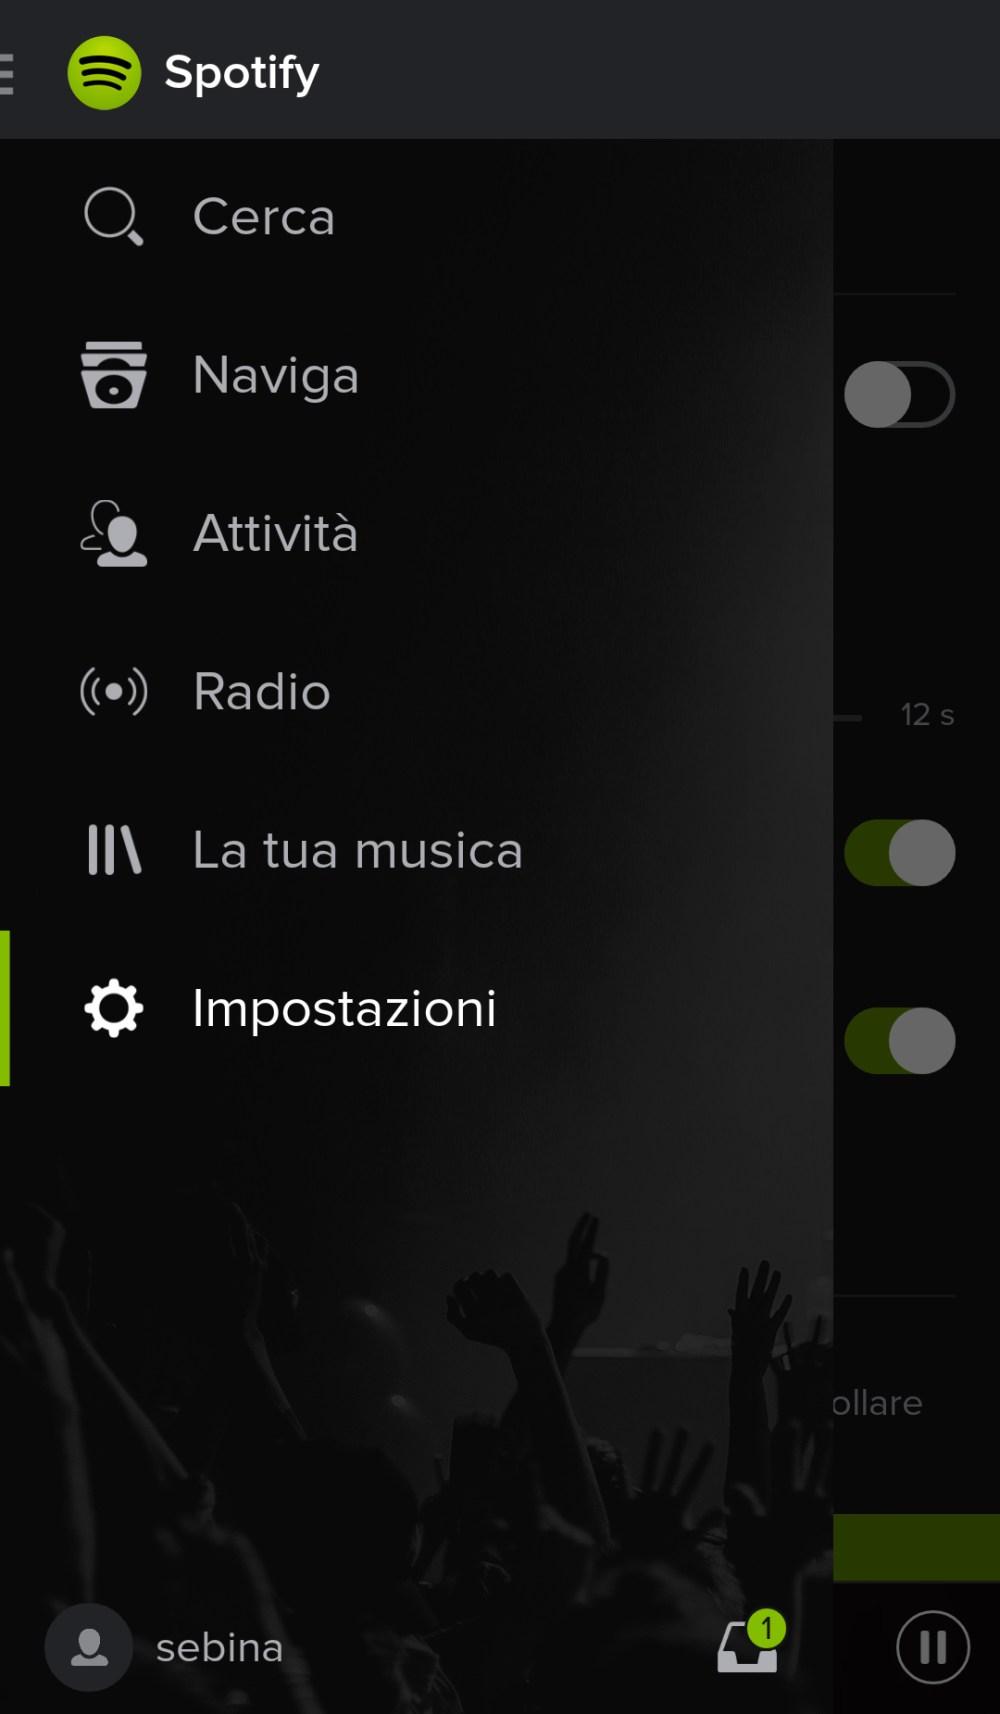 Spotify per Android - Impostazioni